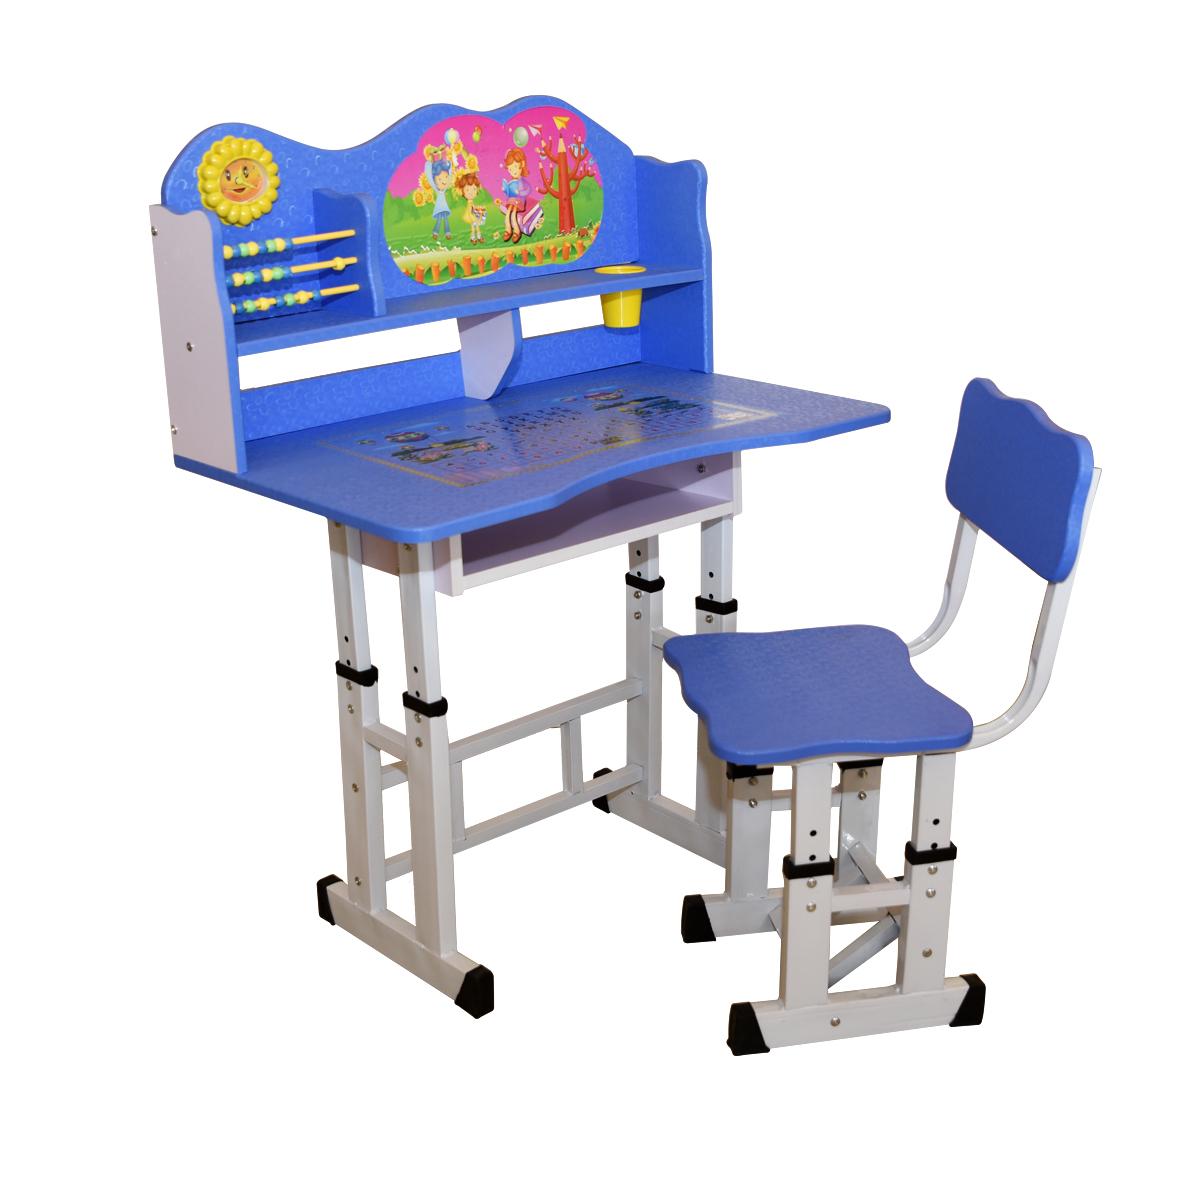 طاولة اطفال مدرسية خشب + كرسي - الوان D-18